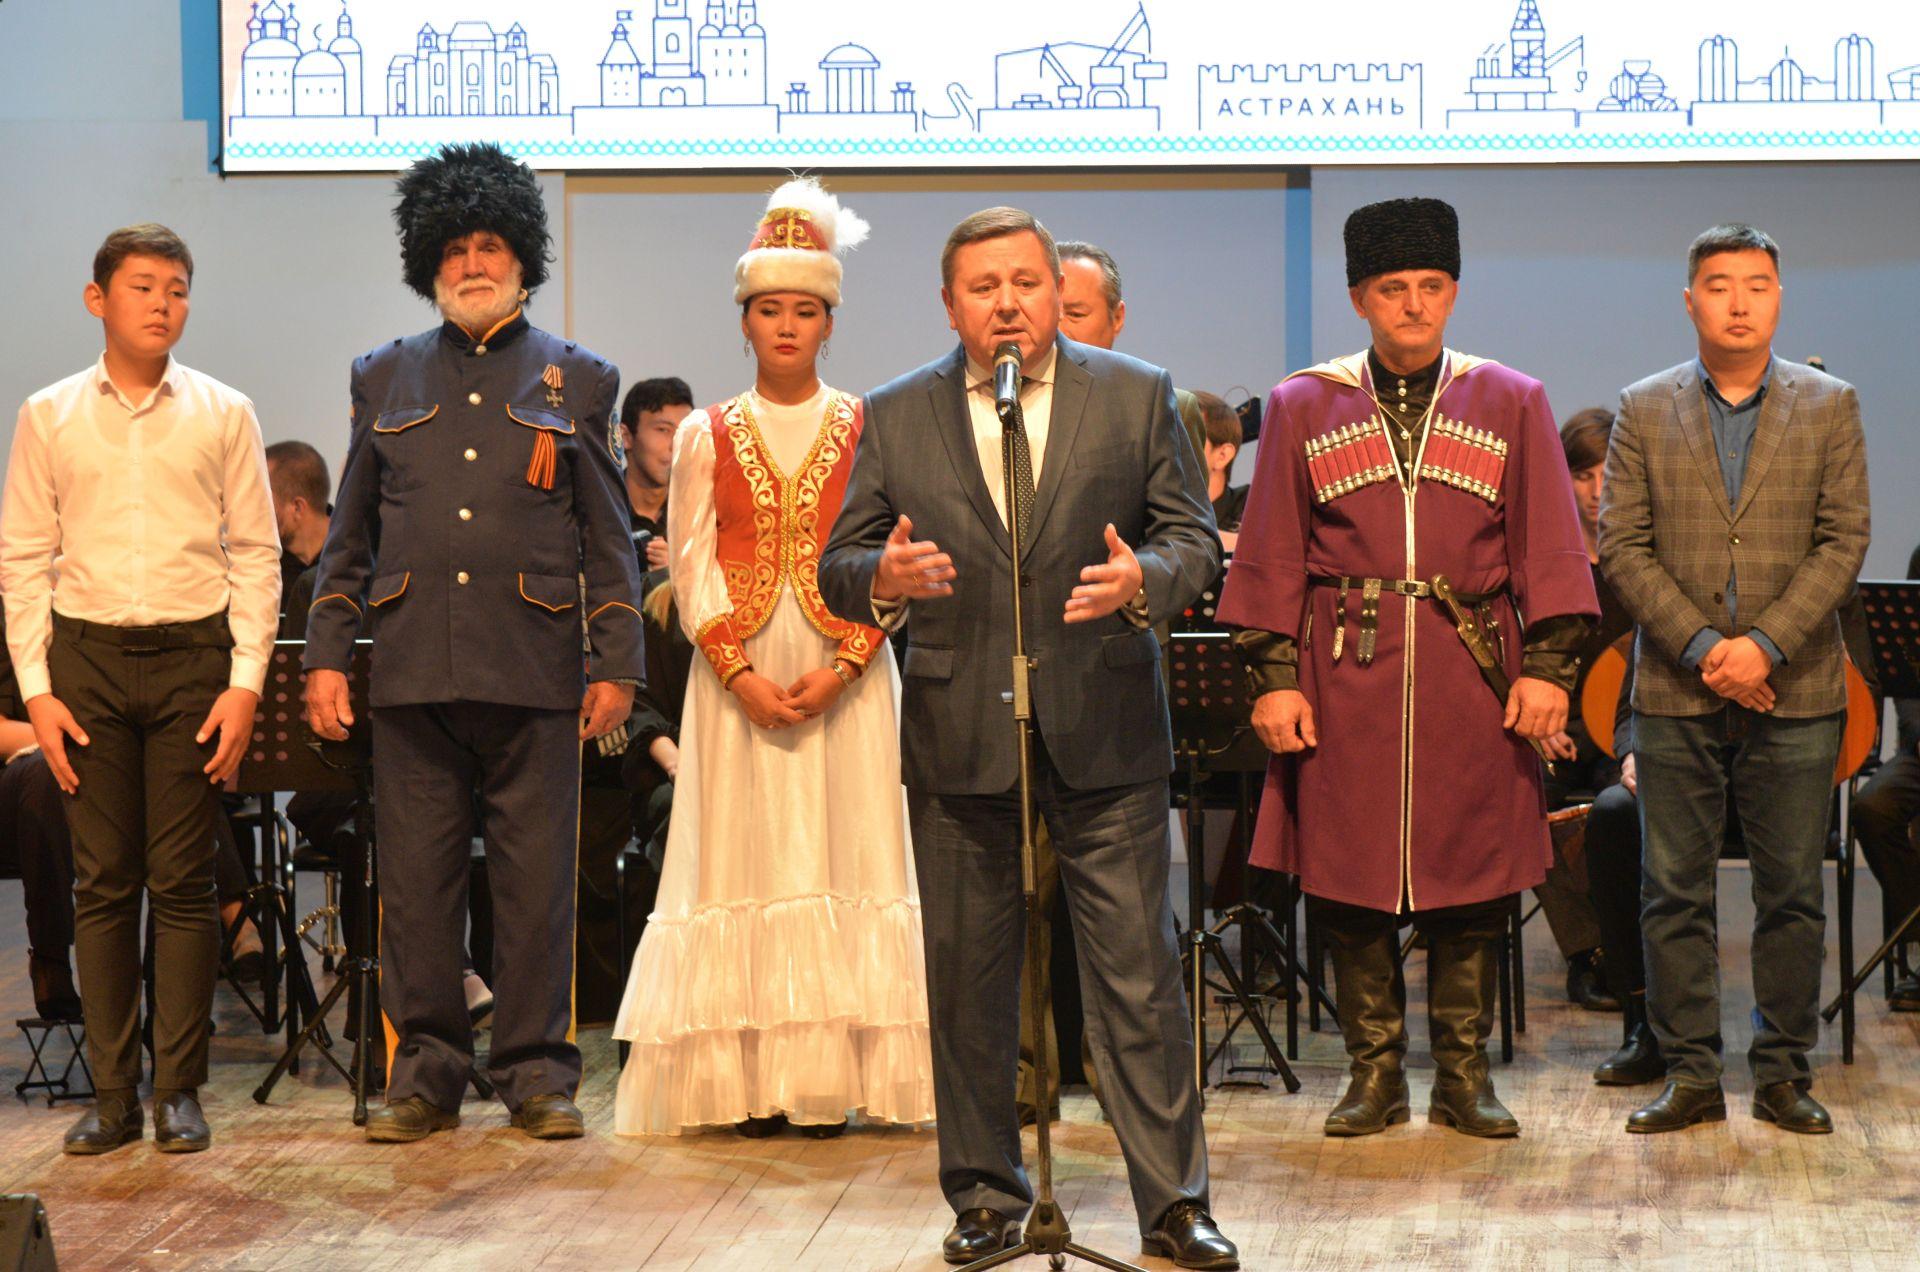 В Астрахани подвели итоги фестиваля-конкурса  «Многоликая Россия»